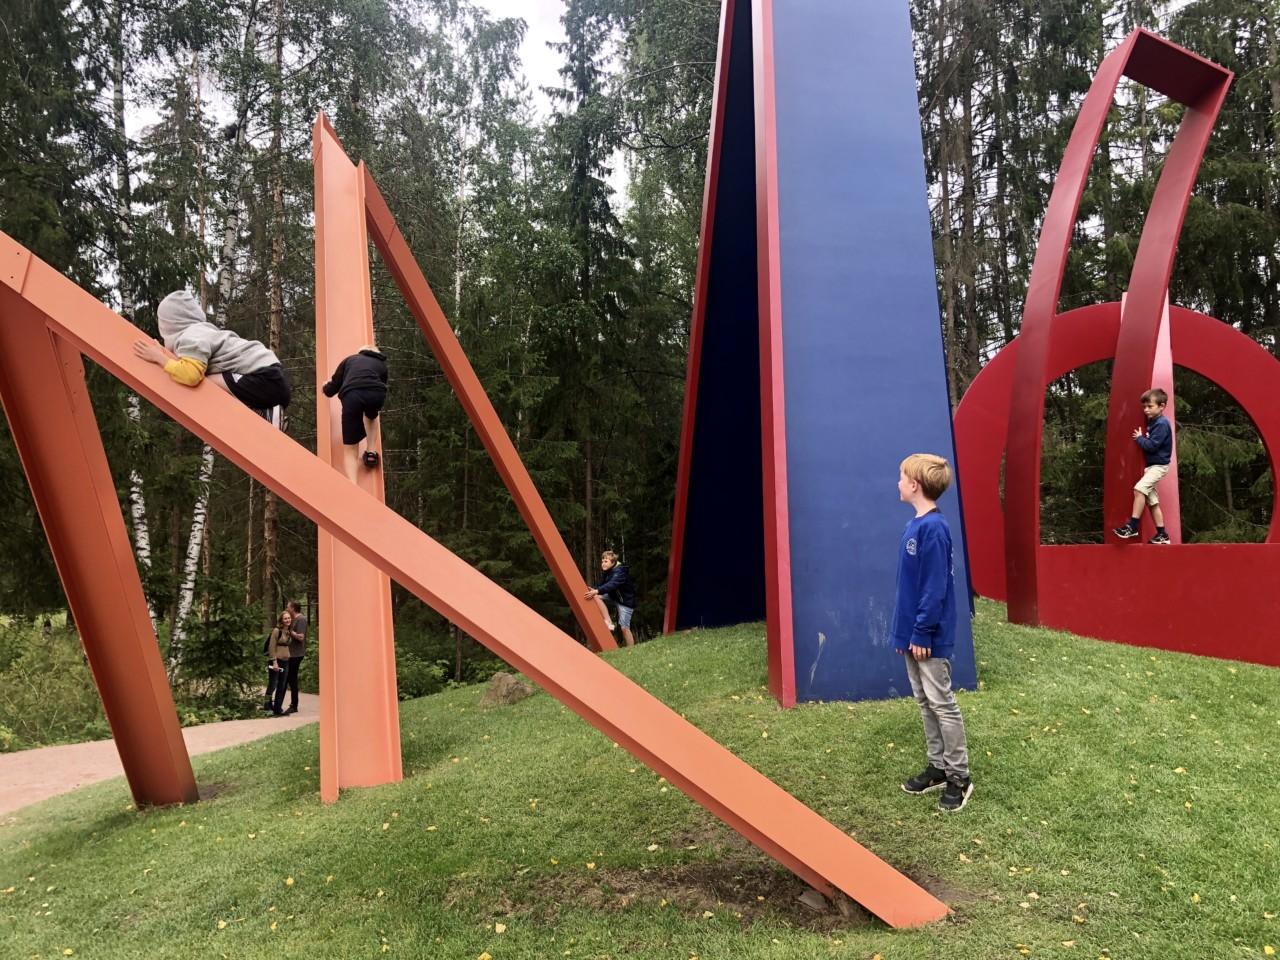 kistefos-museet-fargerik-kunst-barnevennlig-sommerferie